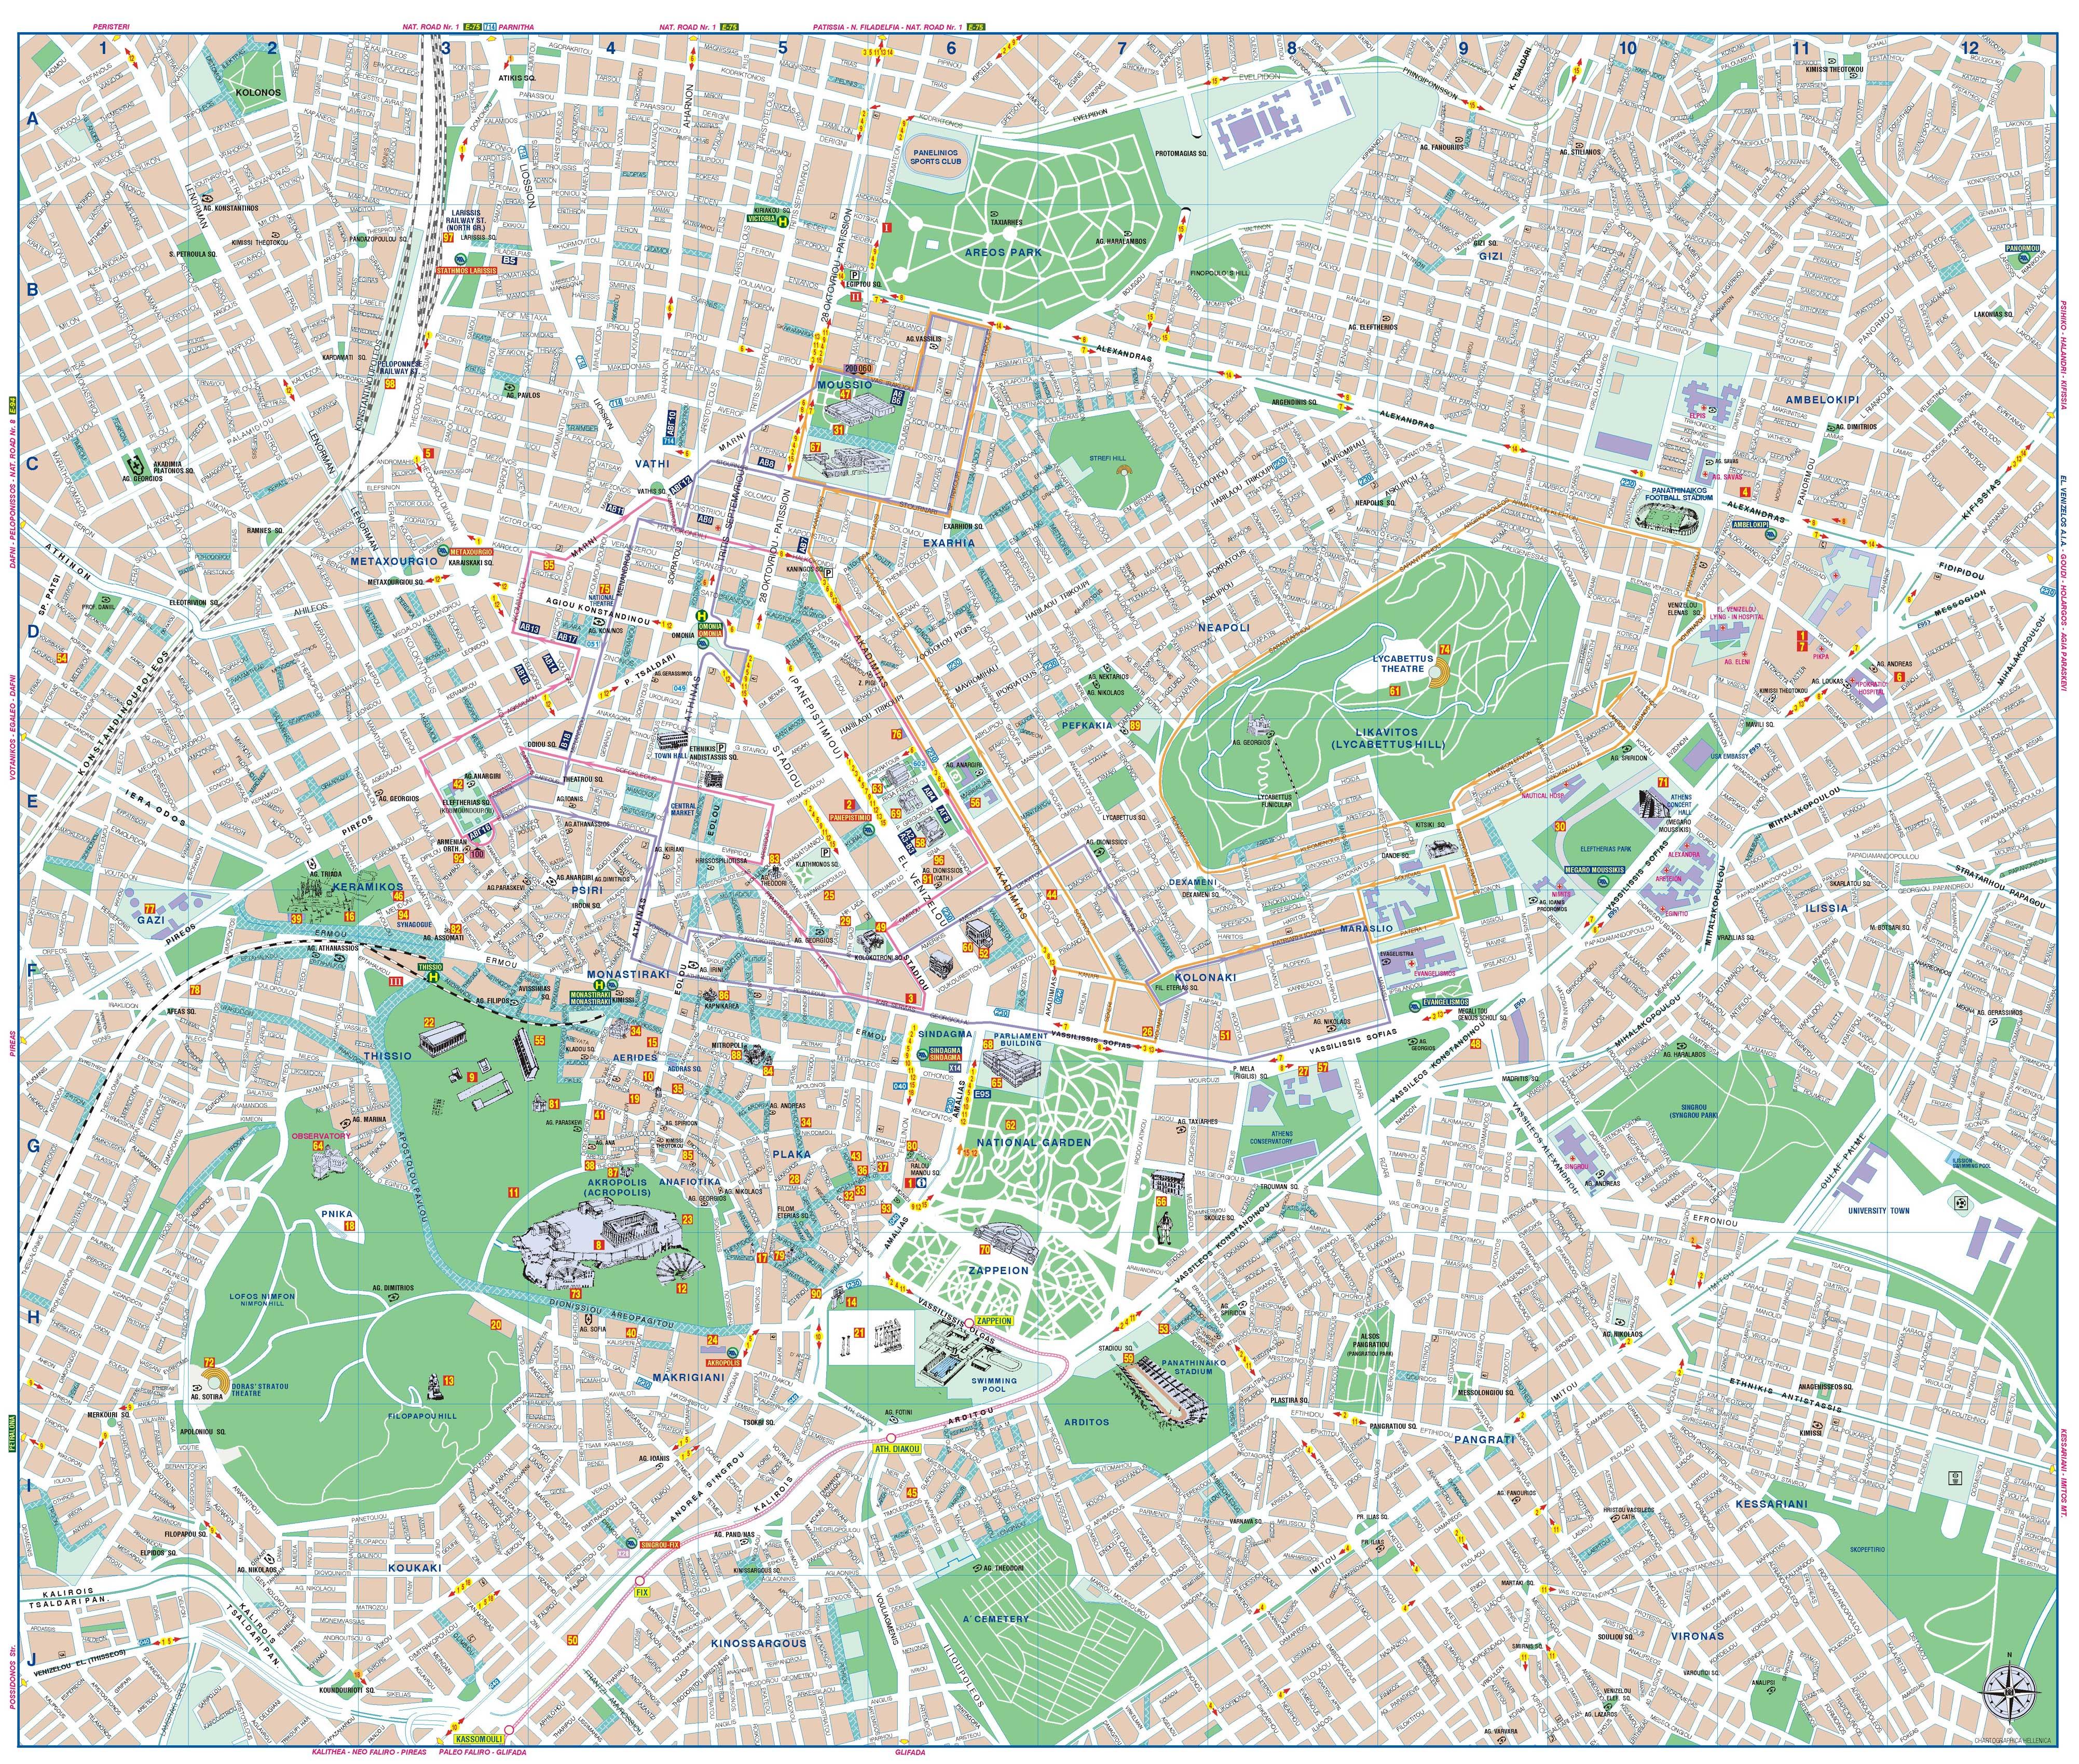 Mapa de atenas plano de atenas grecotour for Planos google